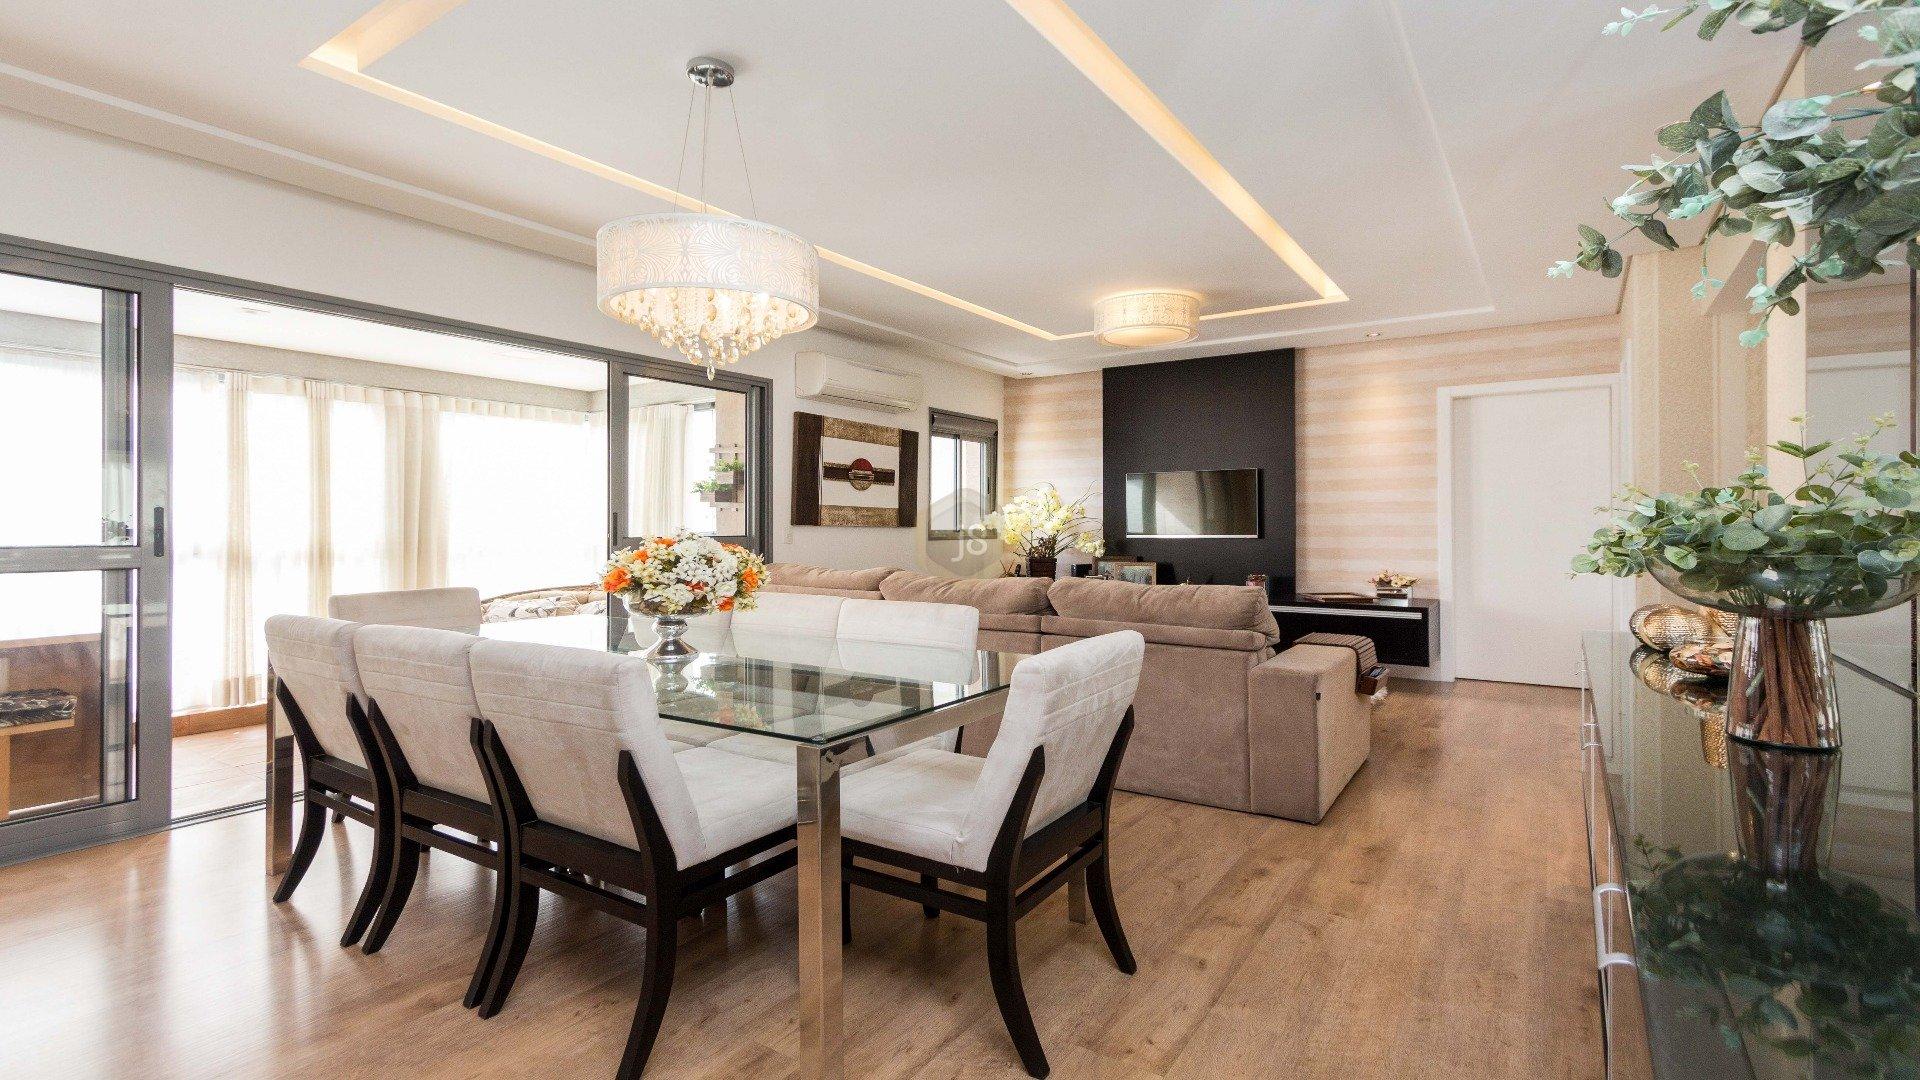 Foto de destaque Lindo apartamento com decoraçao impecável e moderna!